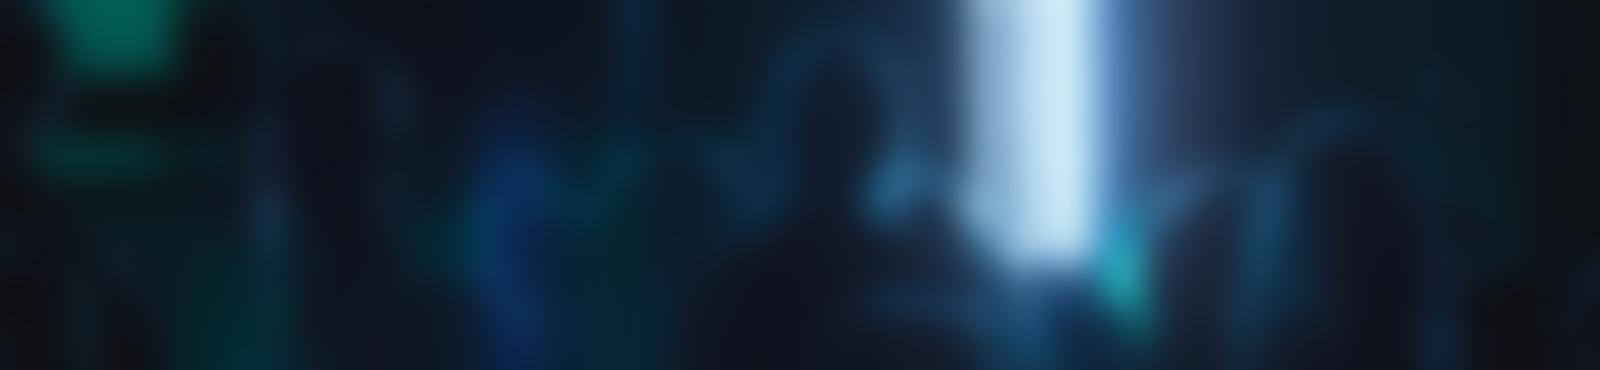 Blurred c4b69b9c 5bea 4695 909f 3597a7e1000e